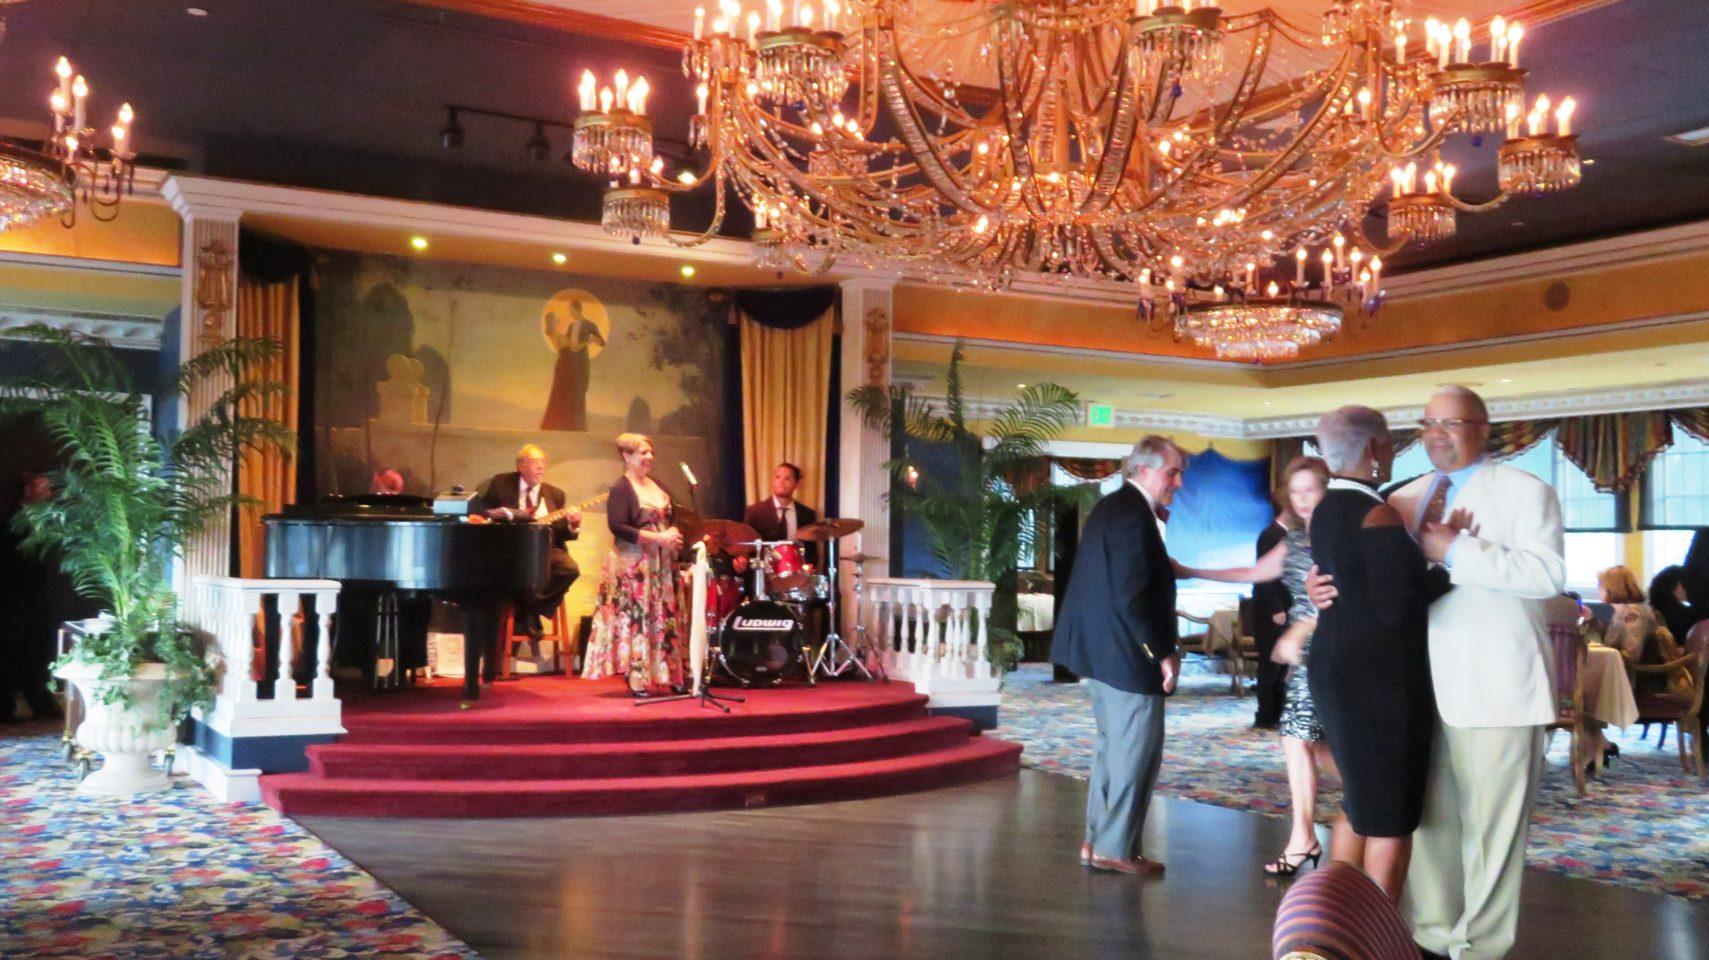 The <em><strong>Penrose Room</strong></em> restaurant at <em><strong>The Broadmoor</strong></em> Resort